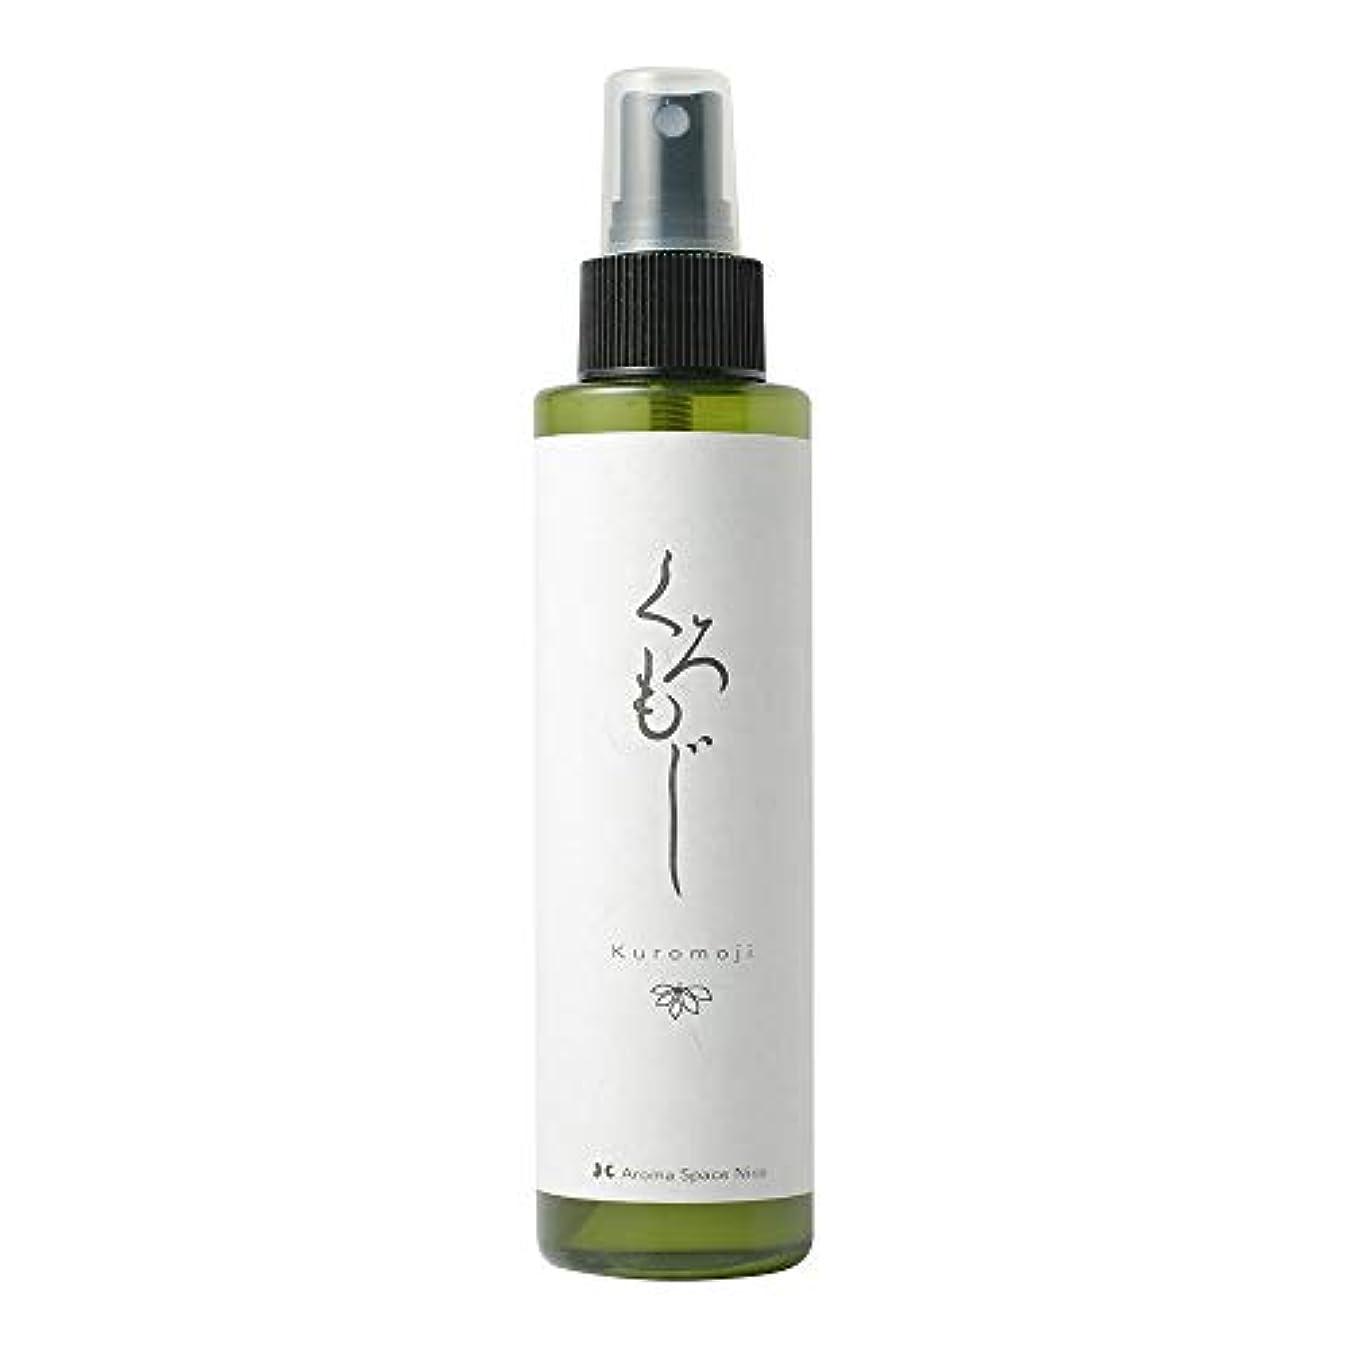 八百屋さん蒸し器早い無添加 さっぱり 化粧水 NICOクロモジハーブウォーター 敏感肌 ミスト 天然成分100% 心が和む和の香り … (150ml)